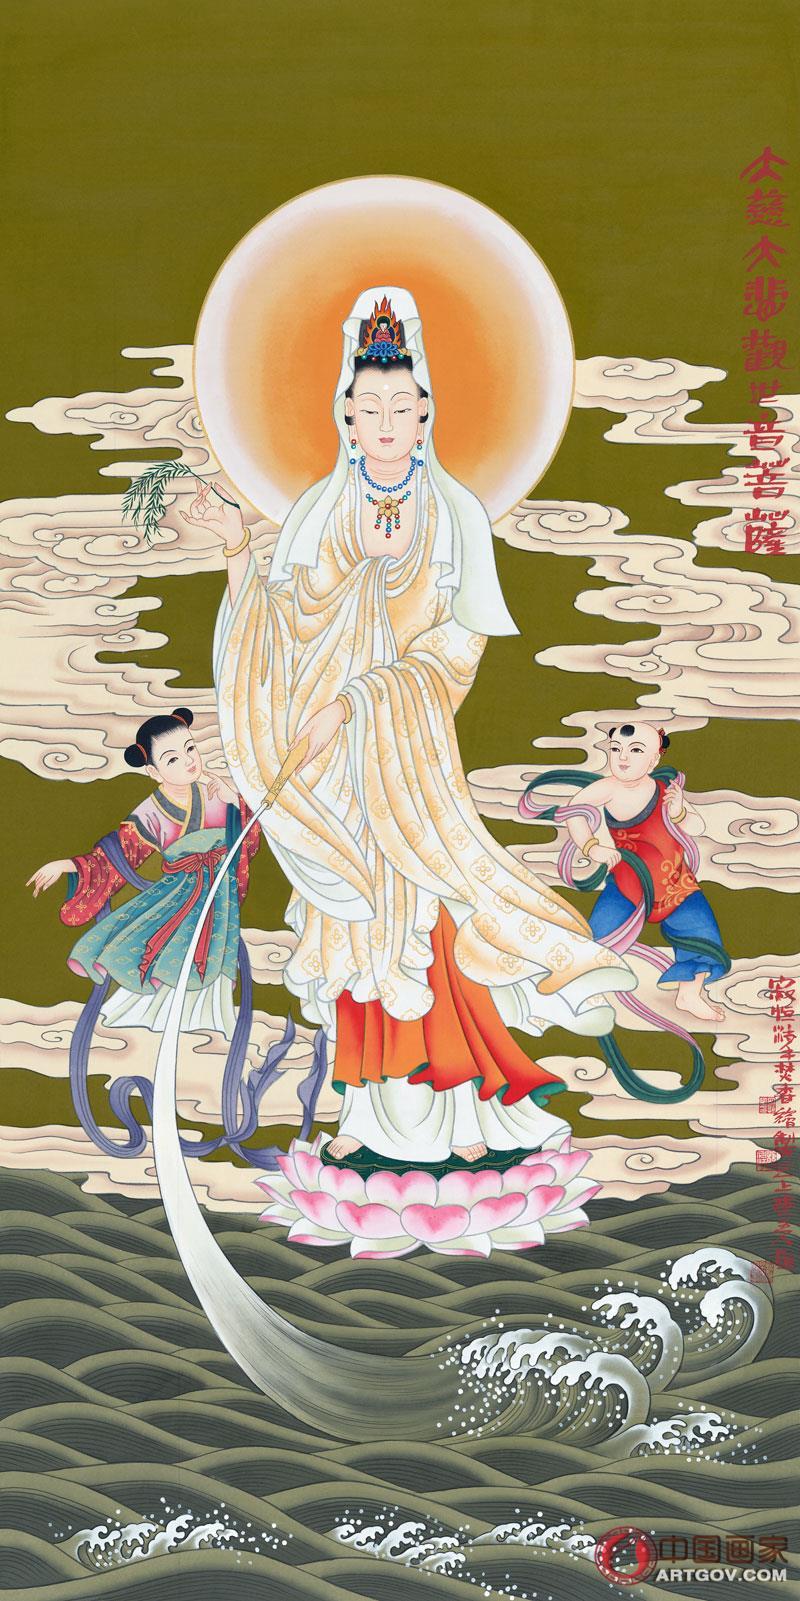 """9月8日讯 """"中国梦——民族文化弘扬时""""韩必恒、郭学荣书画作品展今天上午在具有悠久历史的宁波天一阁开幕,吸引了许多书画爱好者前来参观。展览将于9月15日结束。    韩必恒在接受记者采访时说,很高兴此次与郭学荣合作办展,天一阁浓郁的文化氛围和历史积淀也十分适合这样的展览活动。他还说,选择""""中国梦""""作为展览的主题,也正是为了契合当今社会文化发展的思想主流。"""